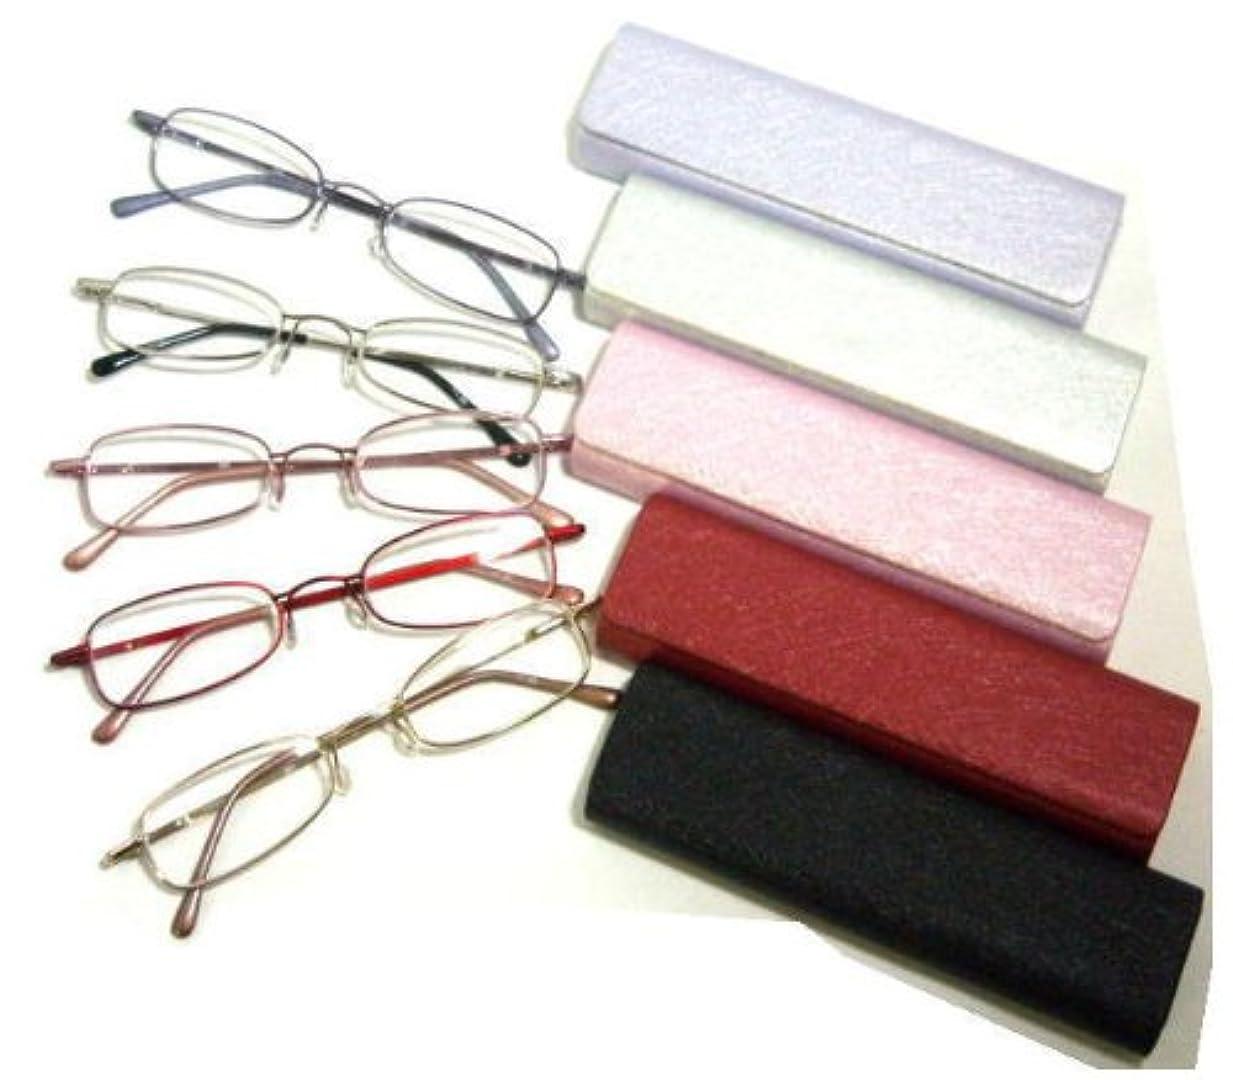 爆発する医薬品仲人お洒落なシニアグラス携帯老眼鏡(312) (+1.00, ブラック/ゴールド)